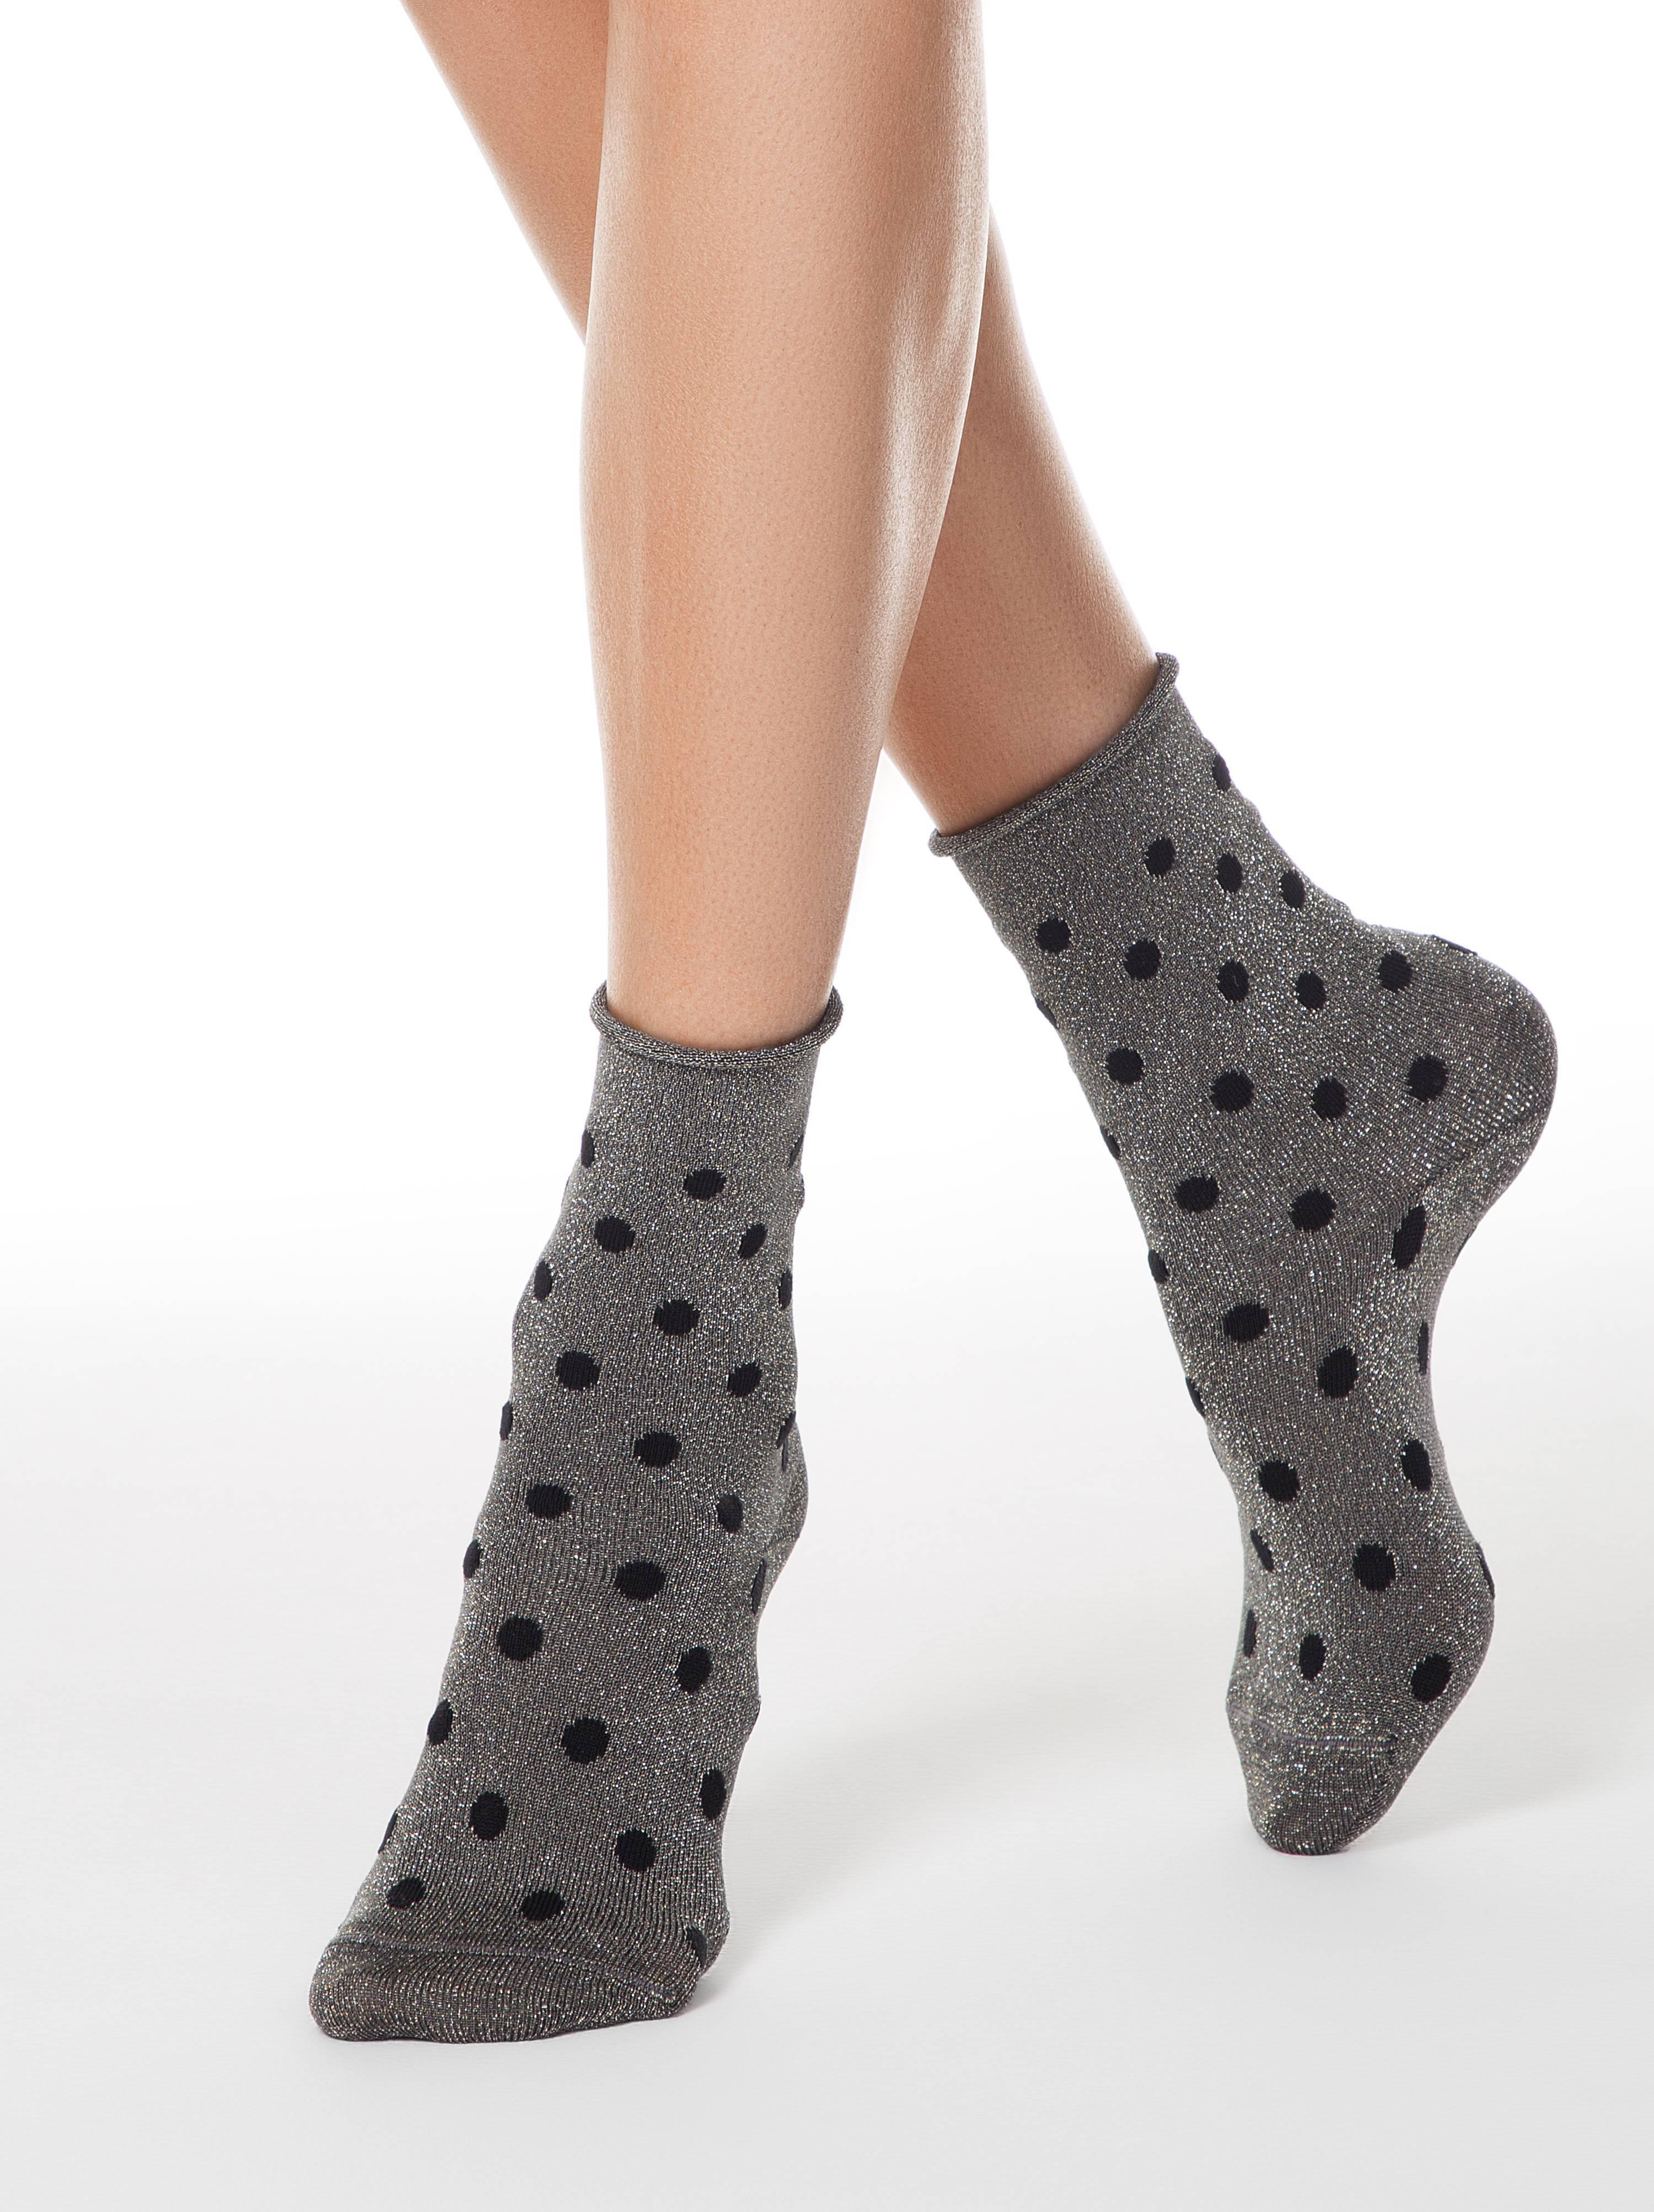 Носки женские ⭐️ Удлиненные носки FANTASY в горошек с люрексом ⭐️